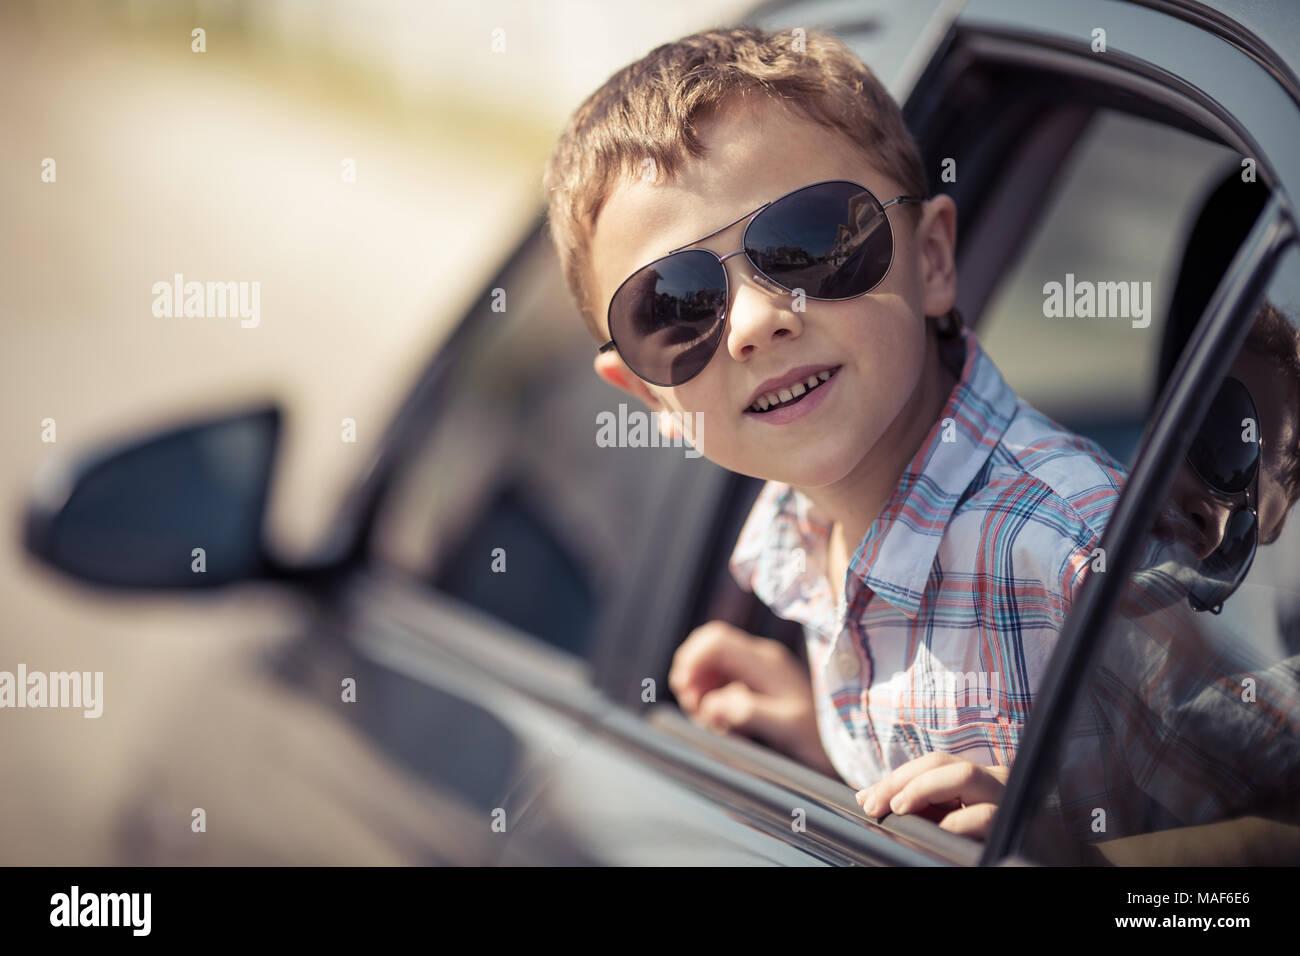 Un poco feliz muchacho sentado en el coche en el día. Concepto de vacaciones de verano. Imagen De Stock